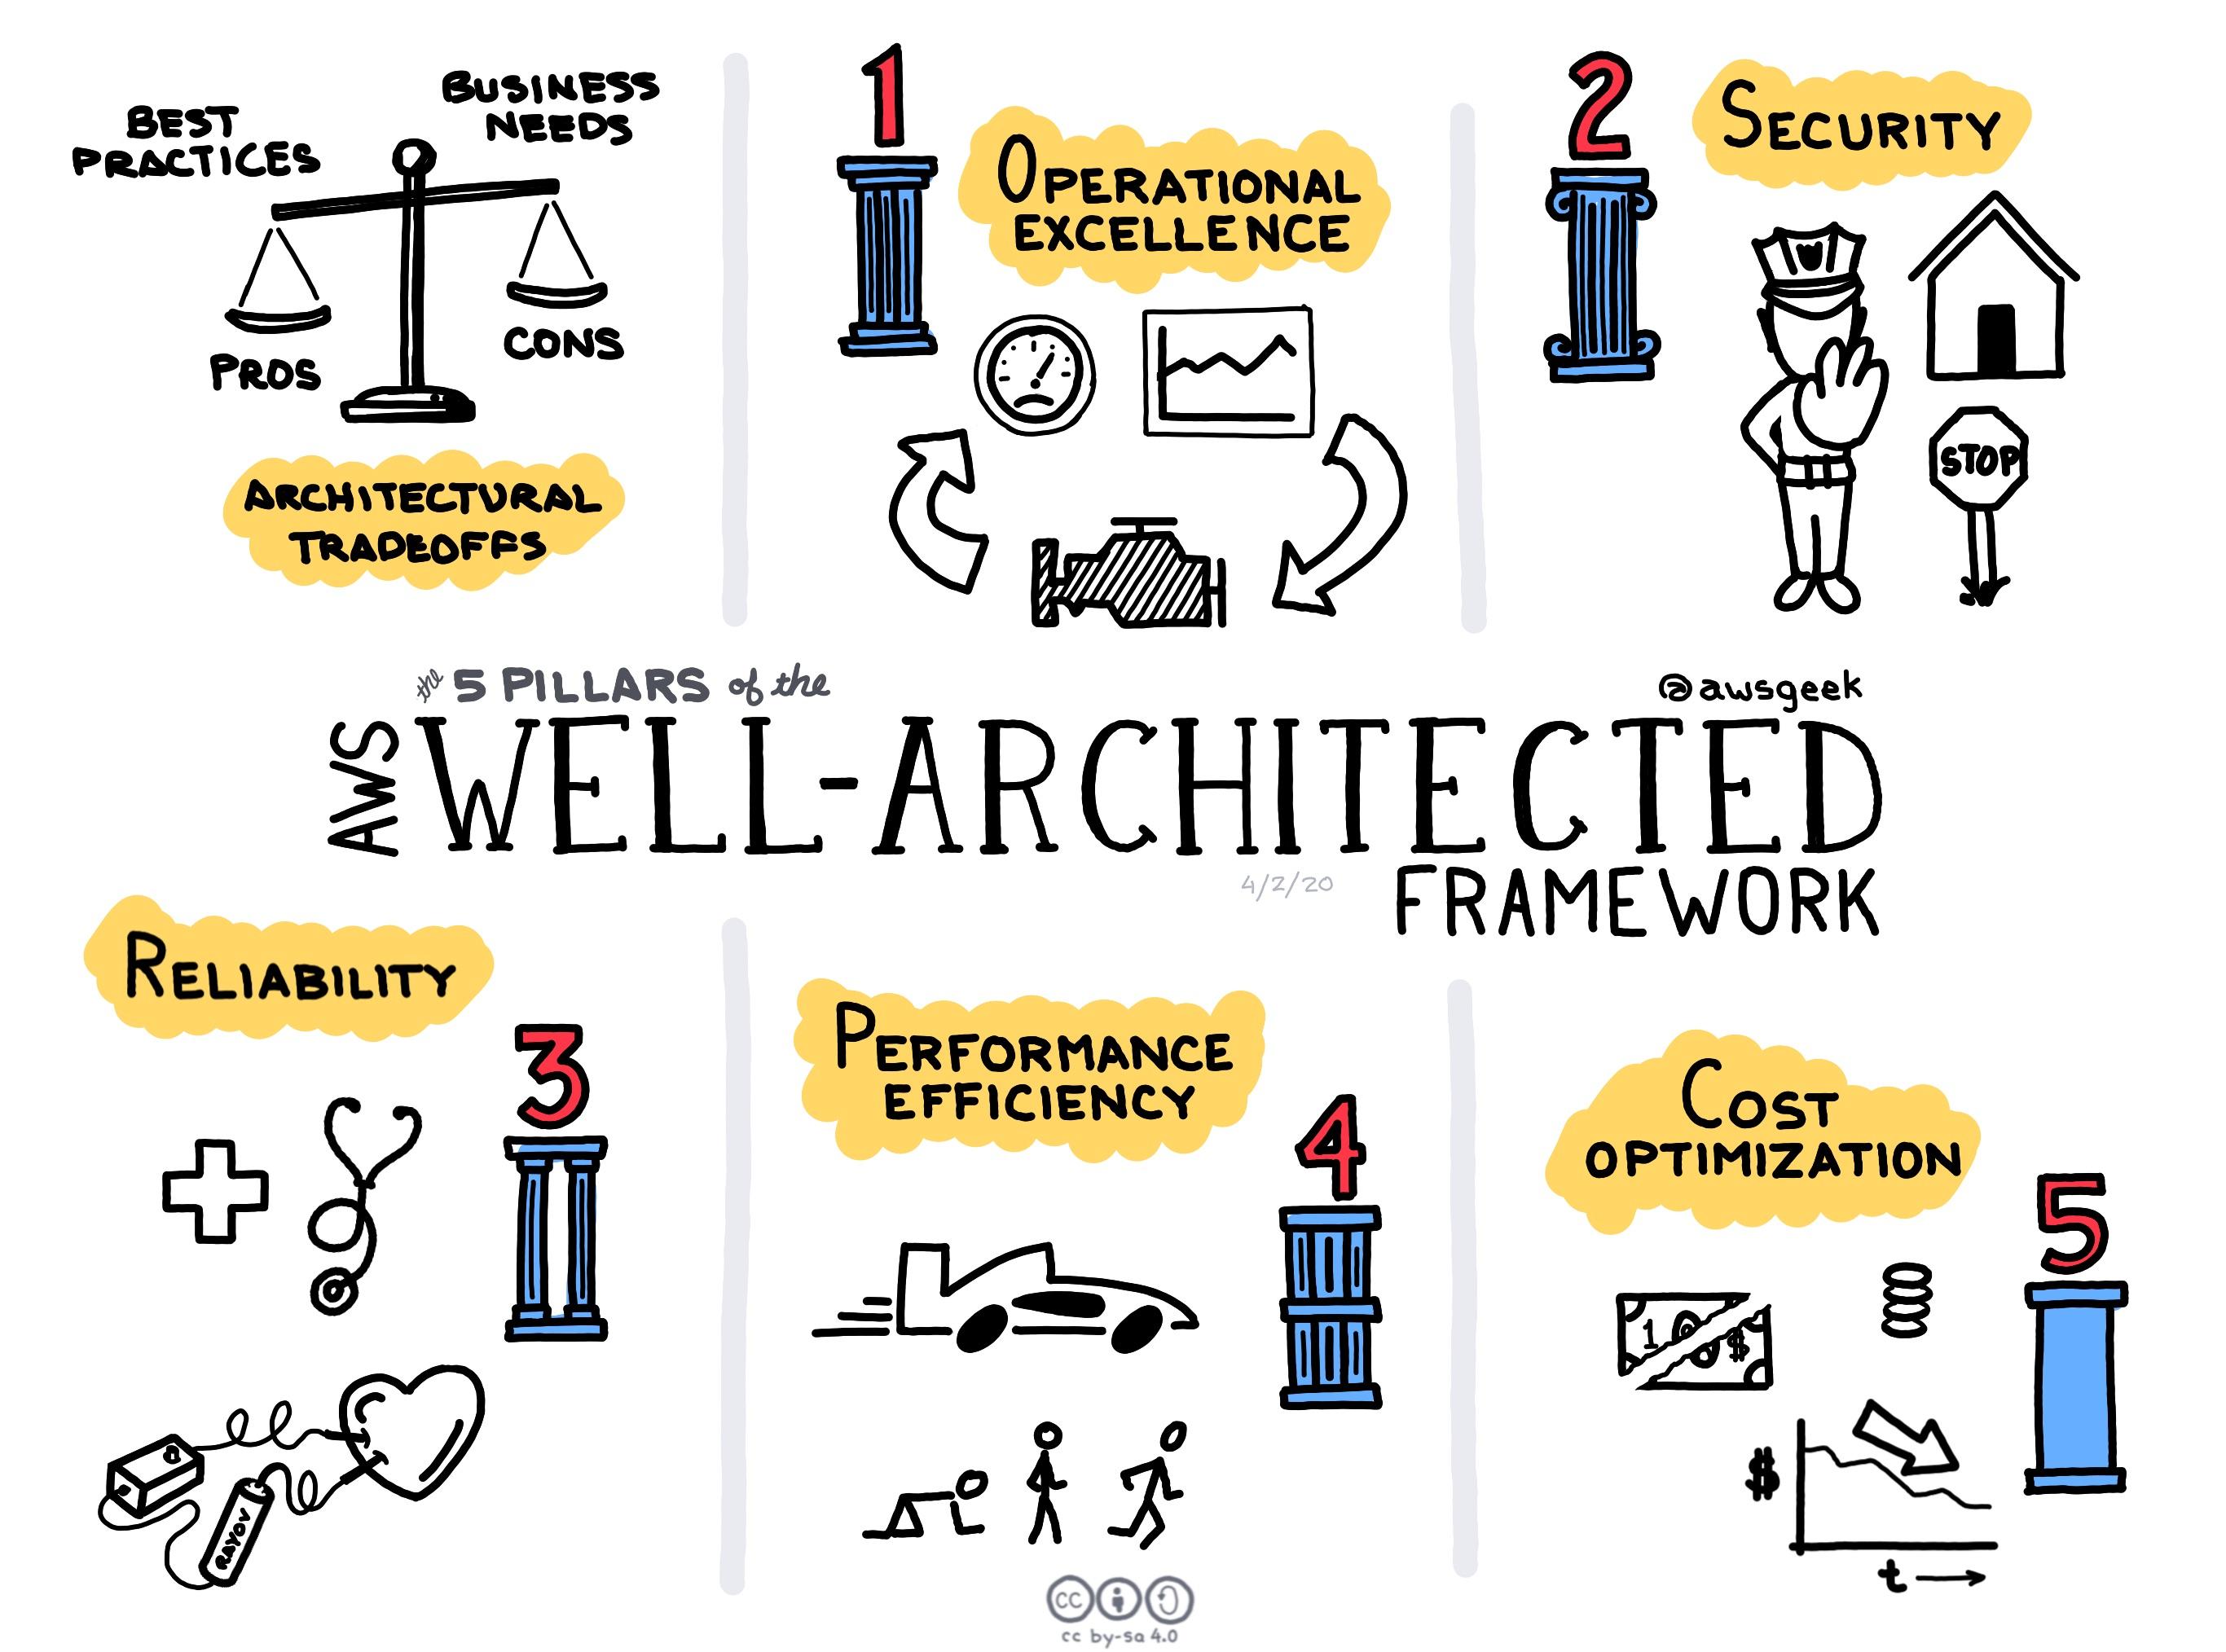 The-5-Pillars-of-the-AWS-Well-Architected-Framework.jpg